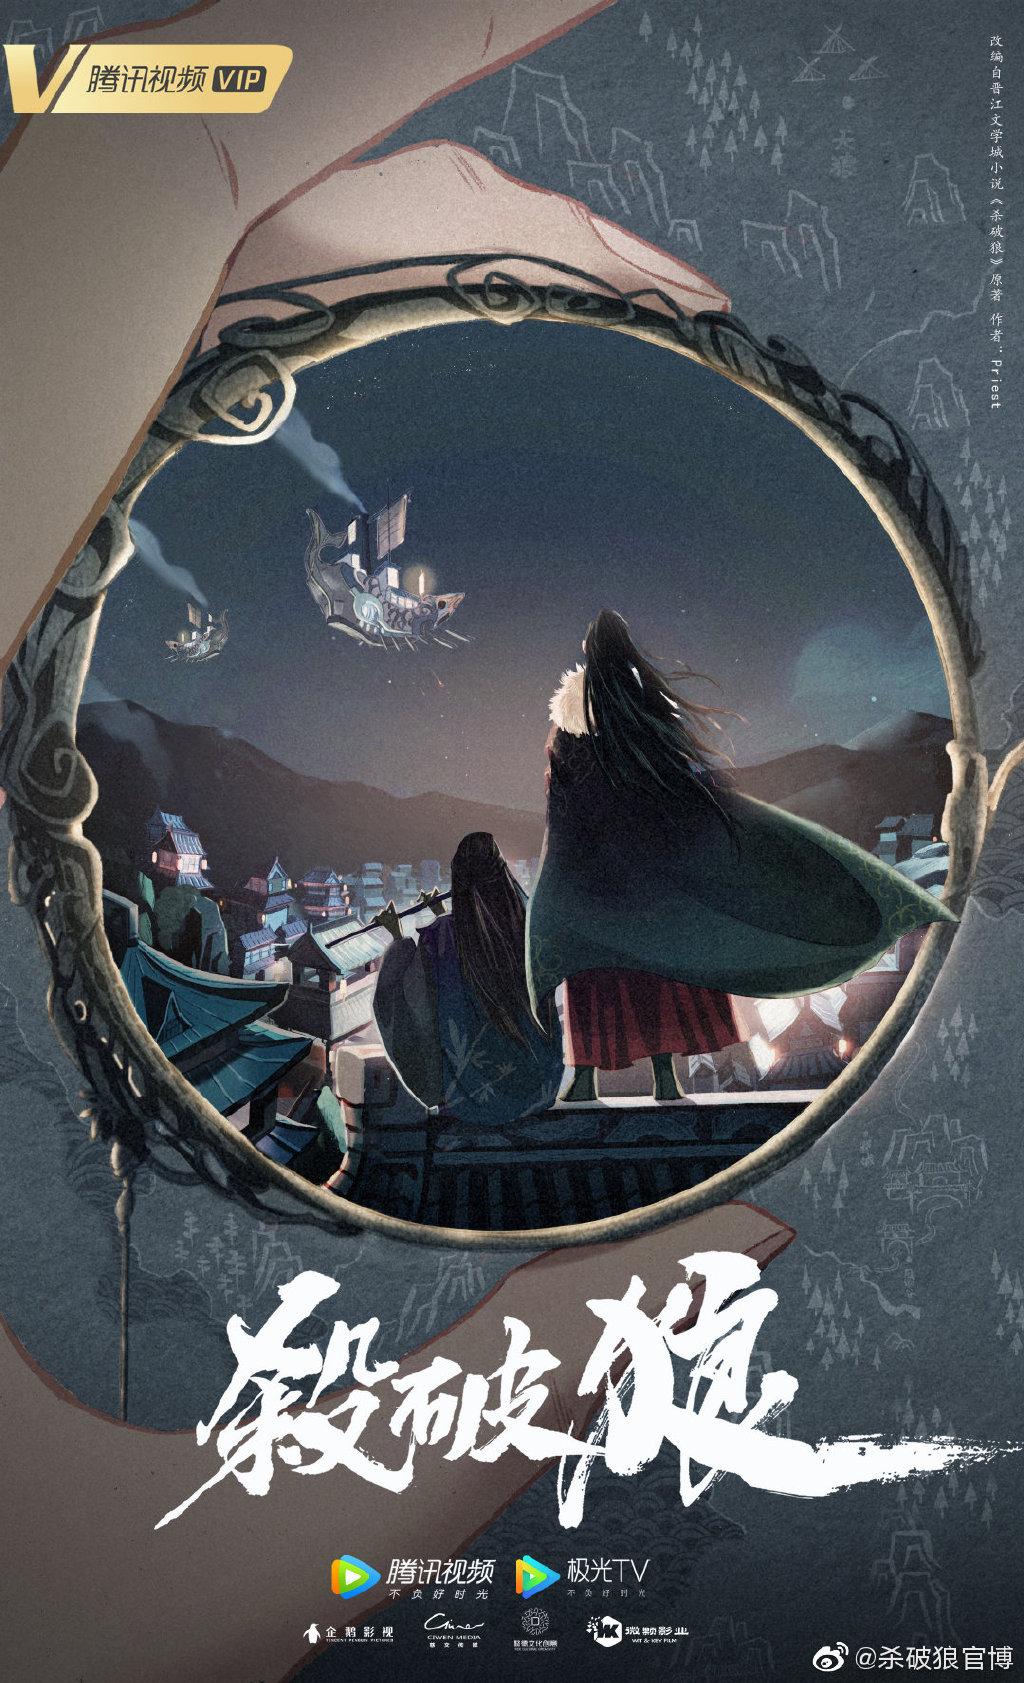 檀健次陈哲远主演古装剧《杀破狼》,改编自同名小说图片